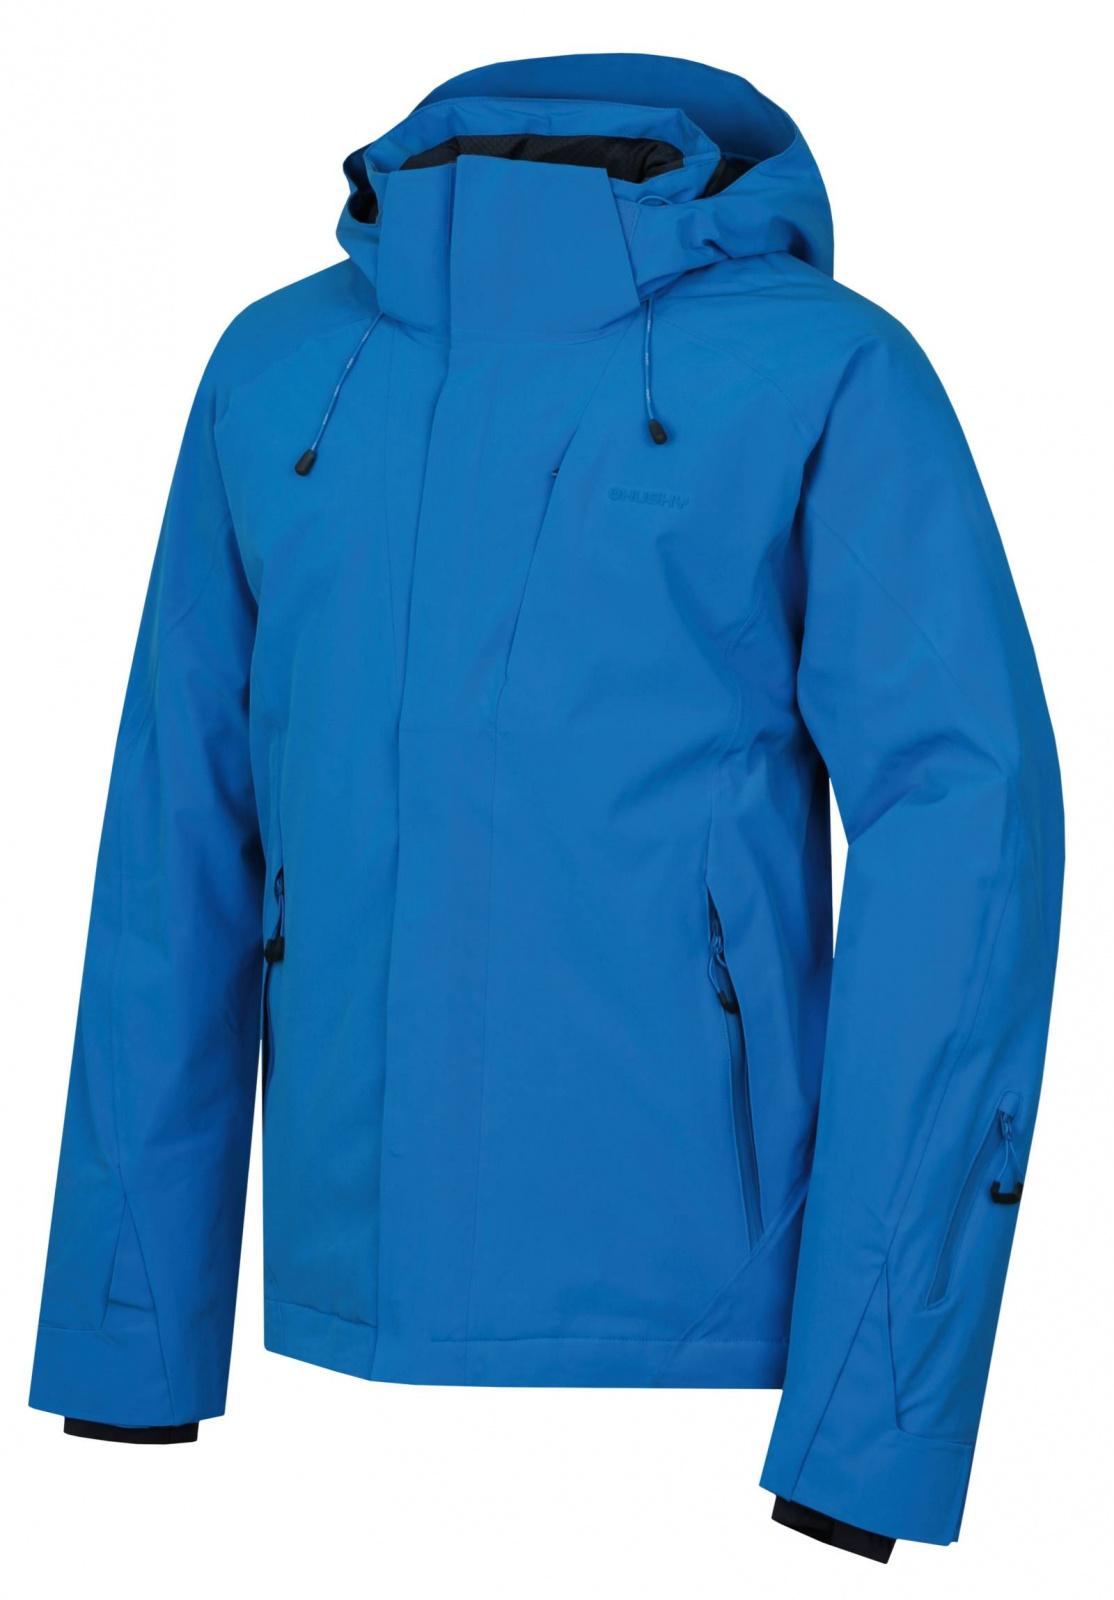 Husky Pánská lyžařská bunda Nopi M modrá Velikost: M